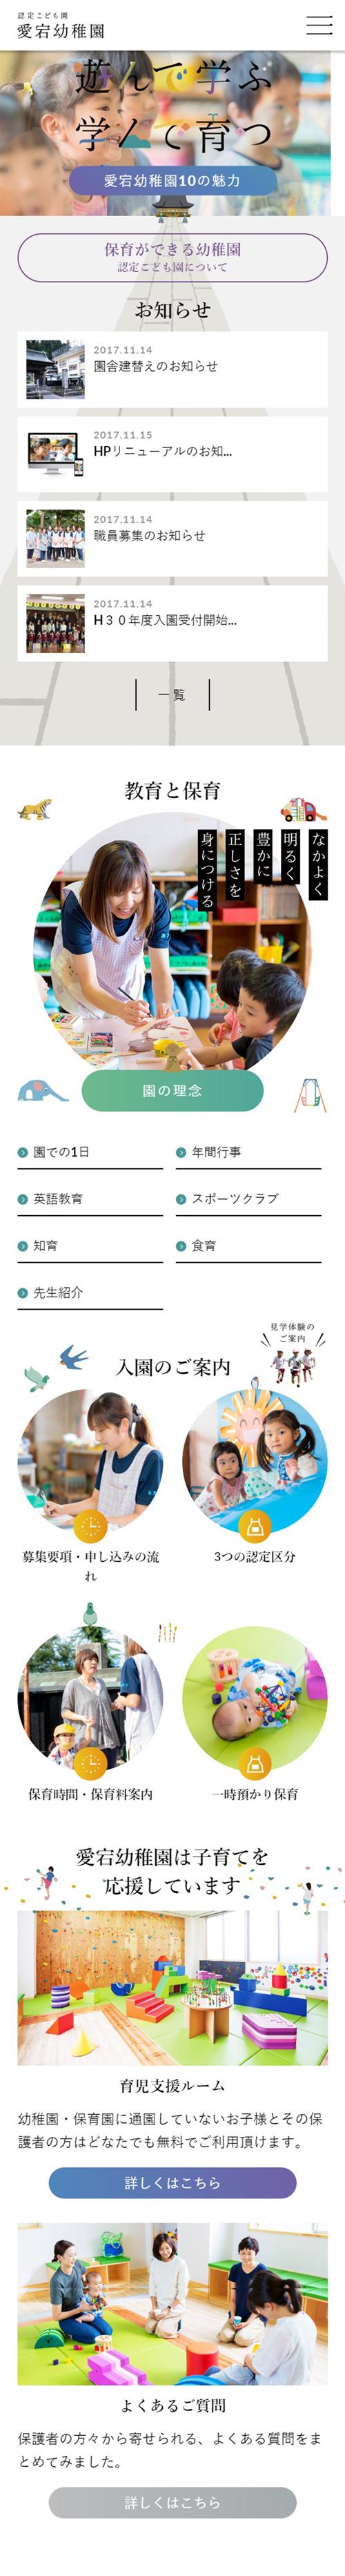 愛宕幼稚園スマホ版イメージ